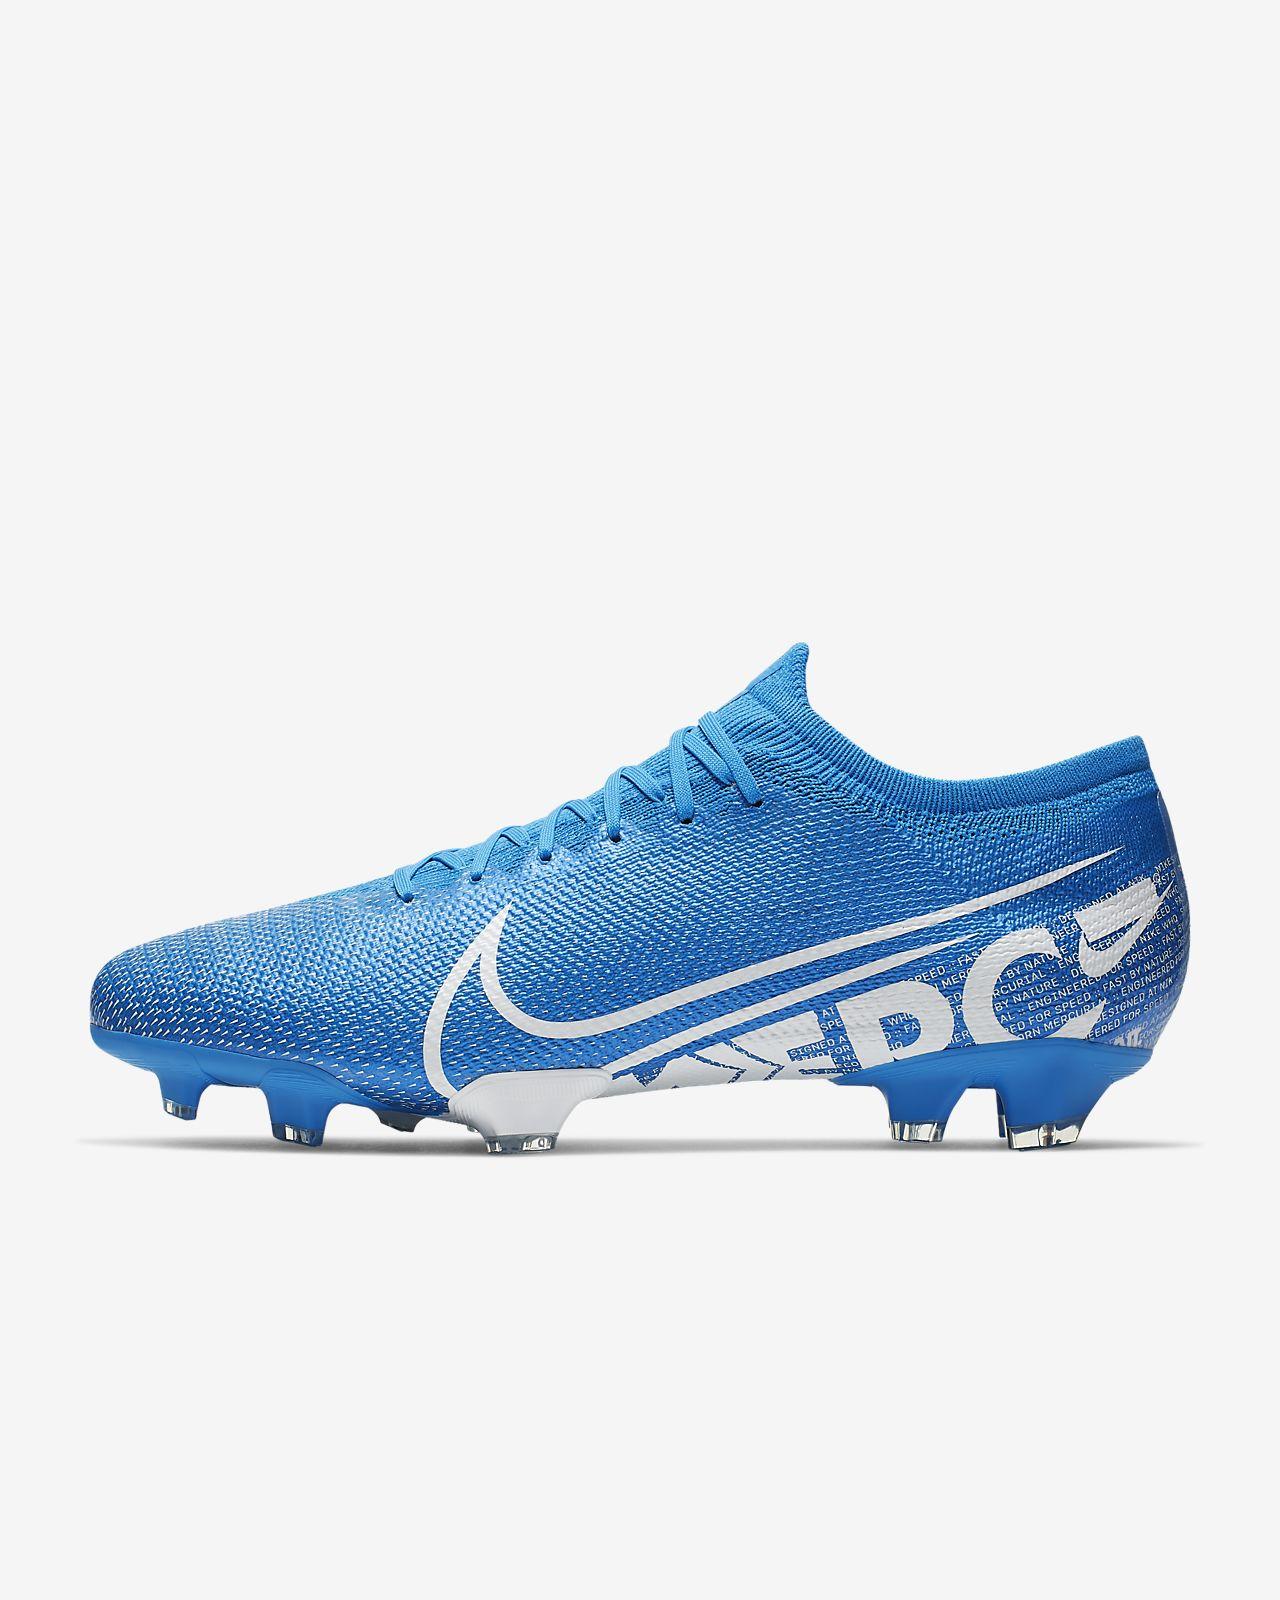 Nike Mercurial Vapor 13 Pro FG fotballsko til gress